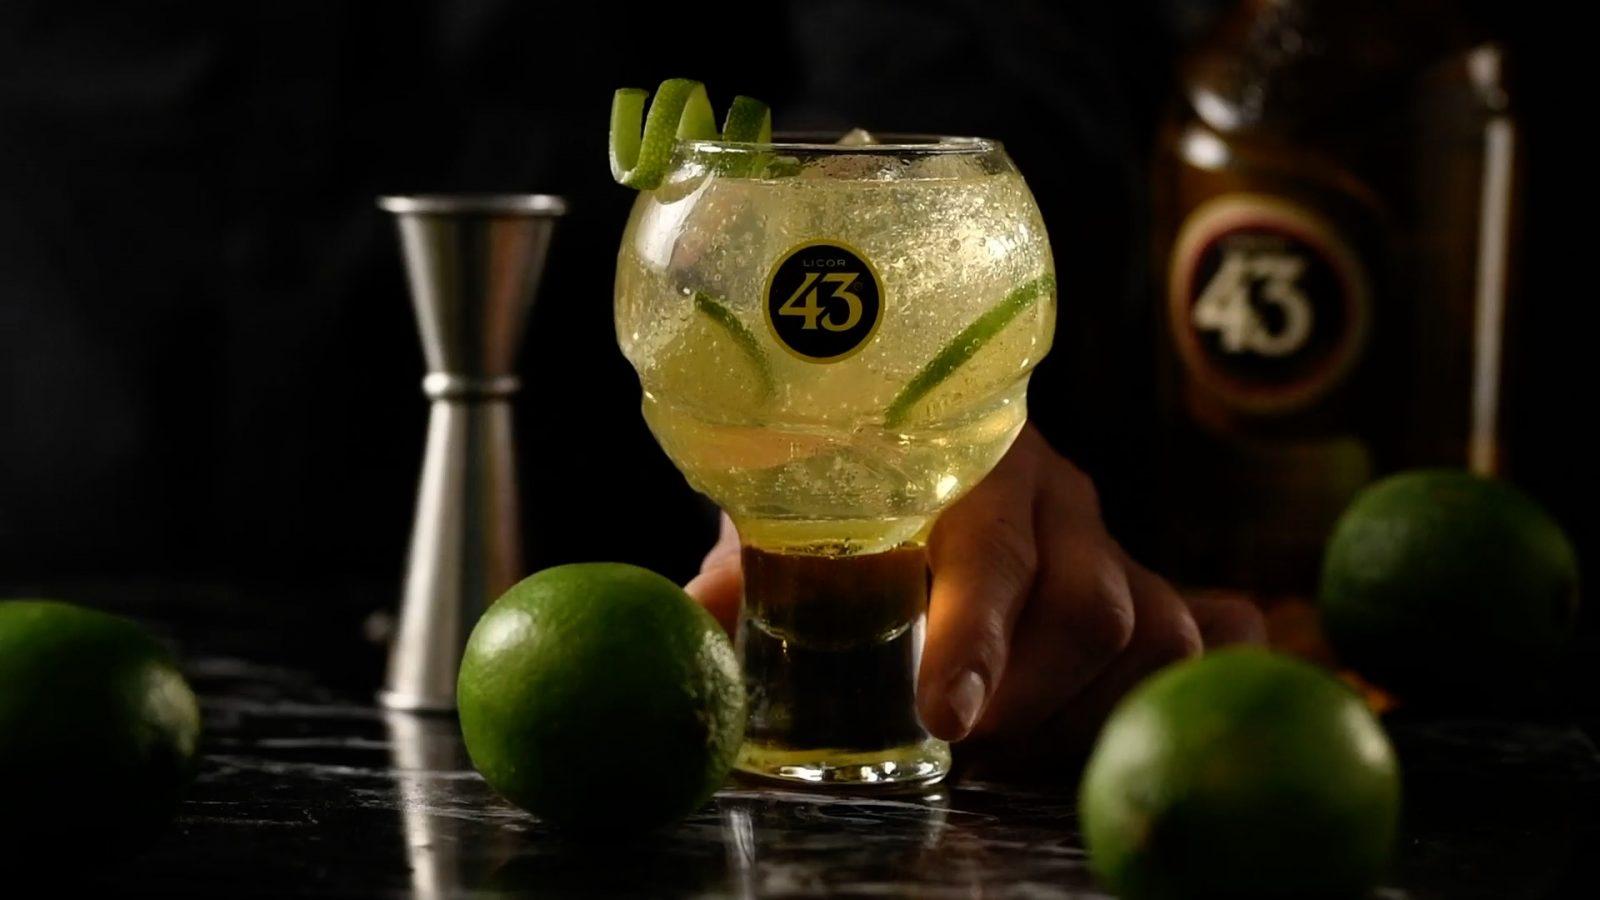 GINGER 43